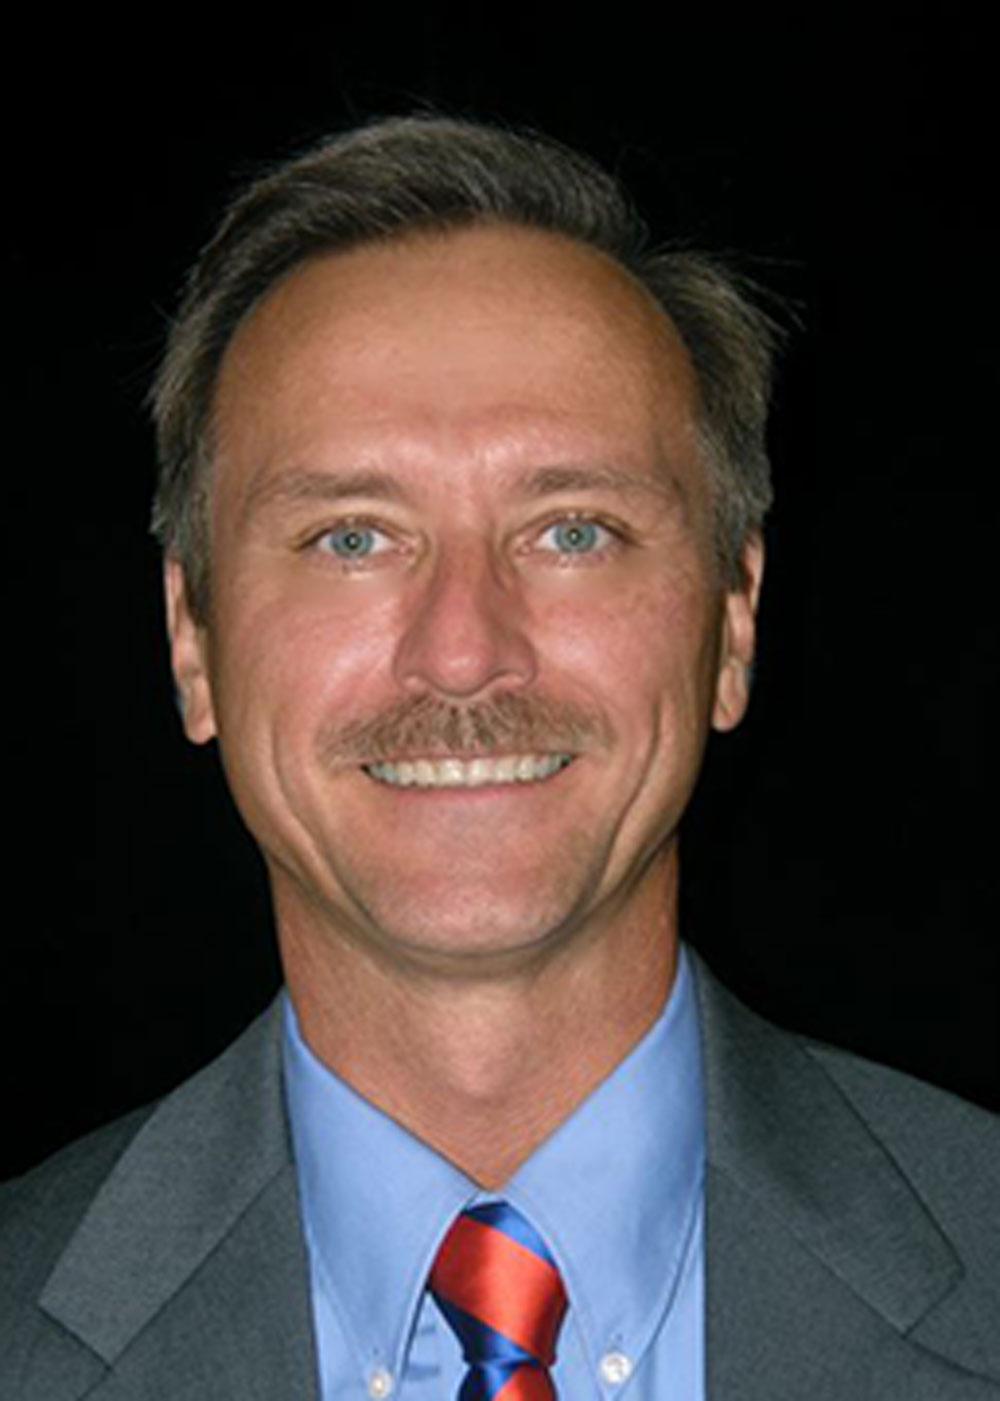 Judge Thomas Jaworski